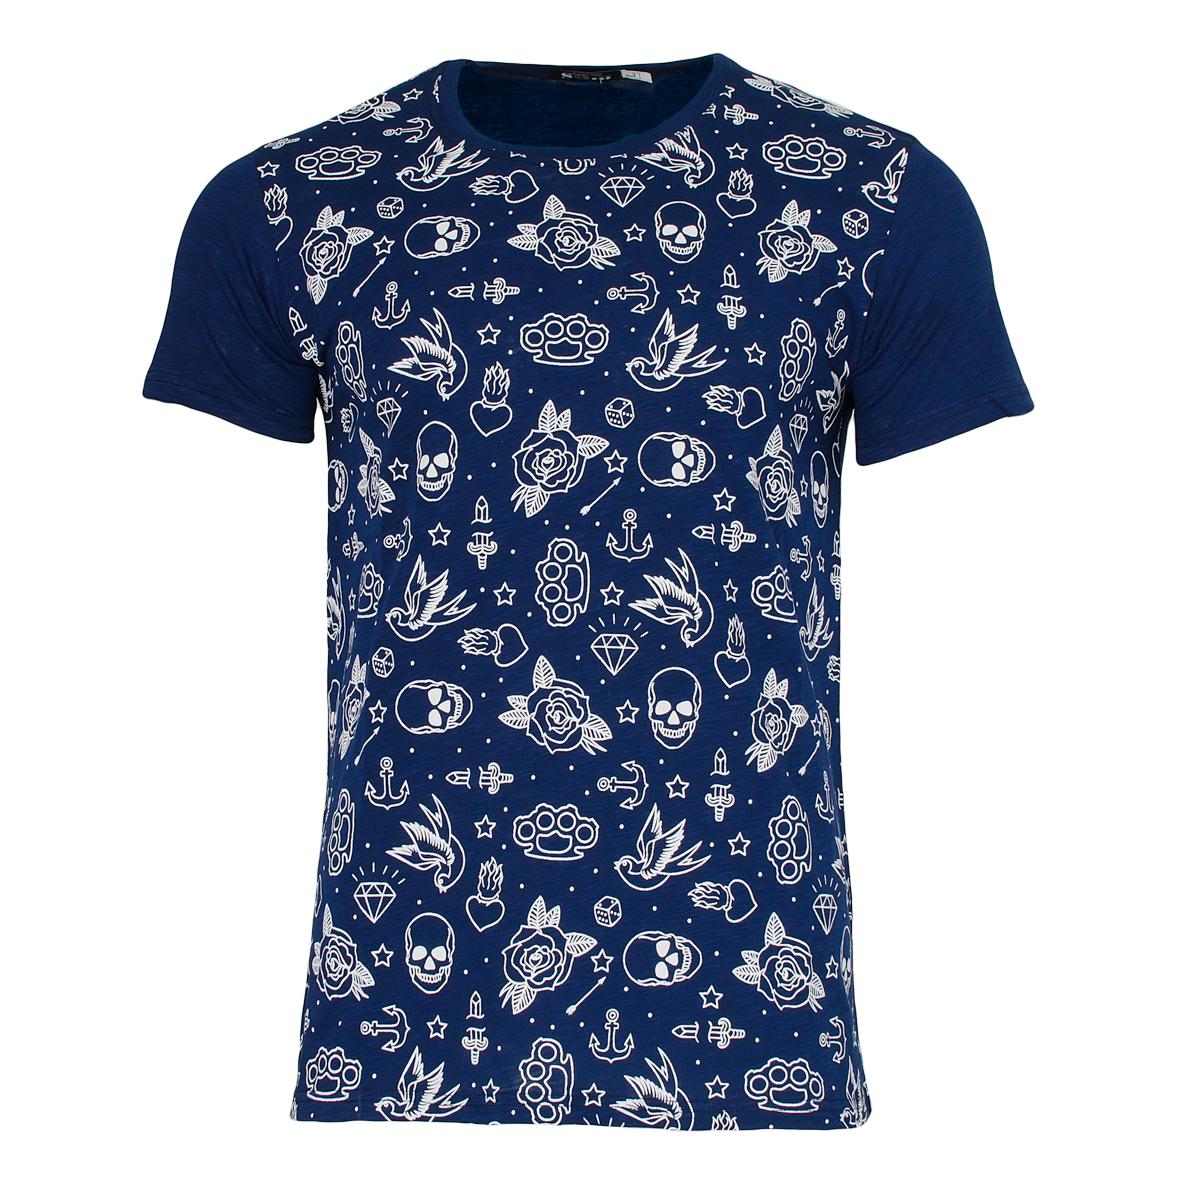 Ανδρικό Τ-shirt Skull Diamond-Άσπρο αρχική ανδρικά ρούχα επιλογή ανά προϊόν t shirts